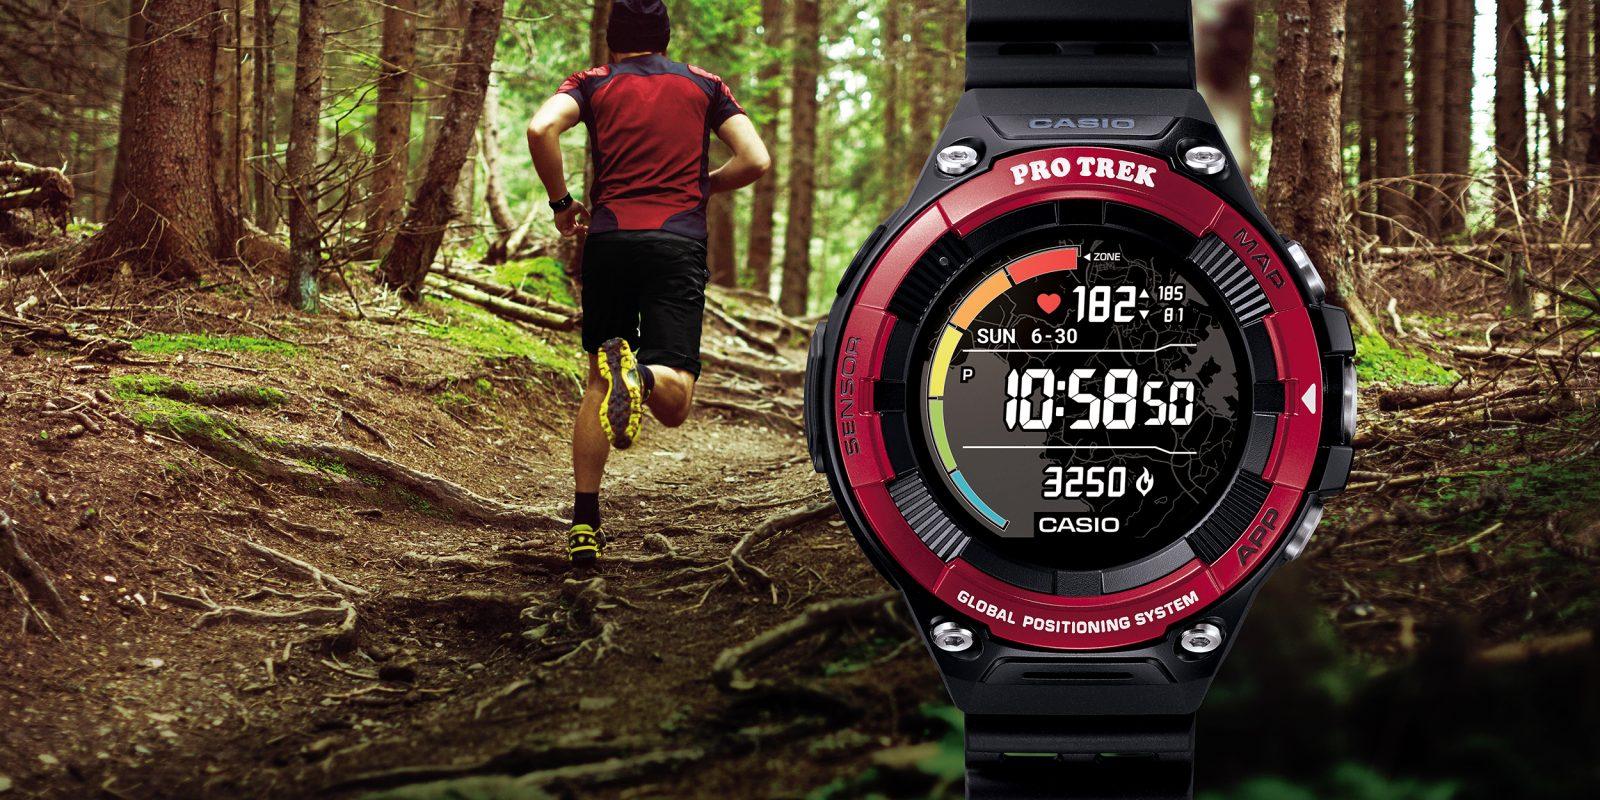 Casio představilo chytré hodinky Pro Trek WSD-F21HR s dvěma displeji